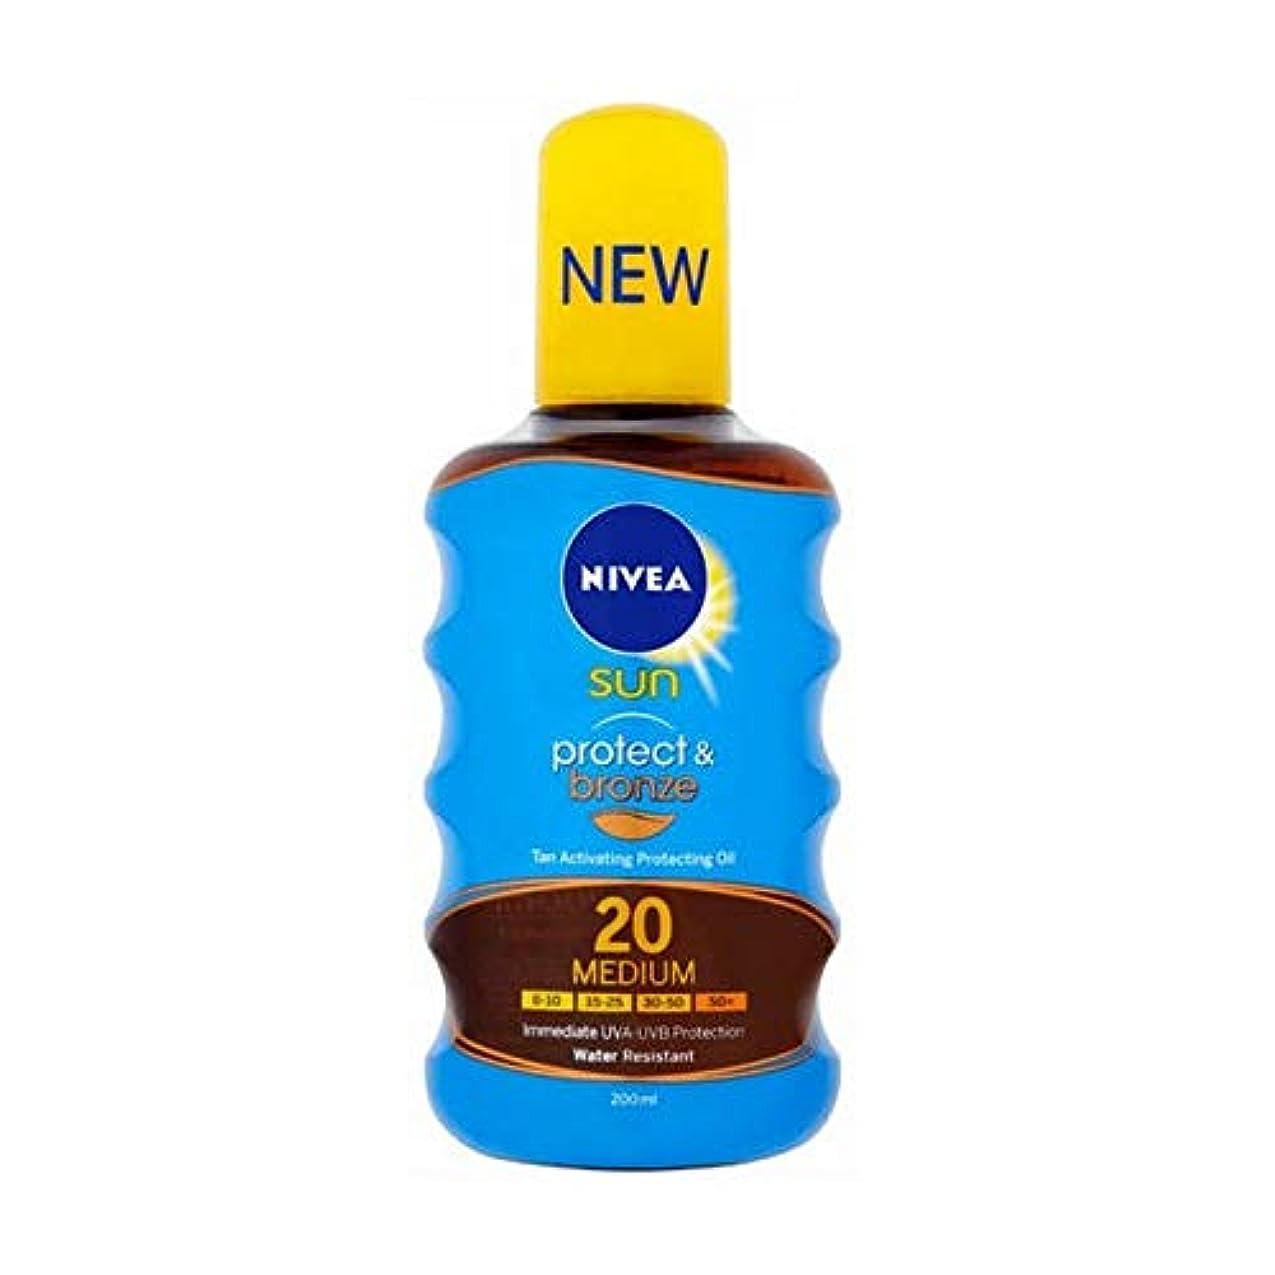 考古学的な仕事に行くハンディ[Nivea ] ニベア日焼けオイルSpf20プロテクト&ブロンズ200ミリリットル活性化 - NIVEA SUN Tan Activating Oil SPF20 Protect&Bronze 200ml [並行輸入品]